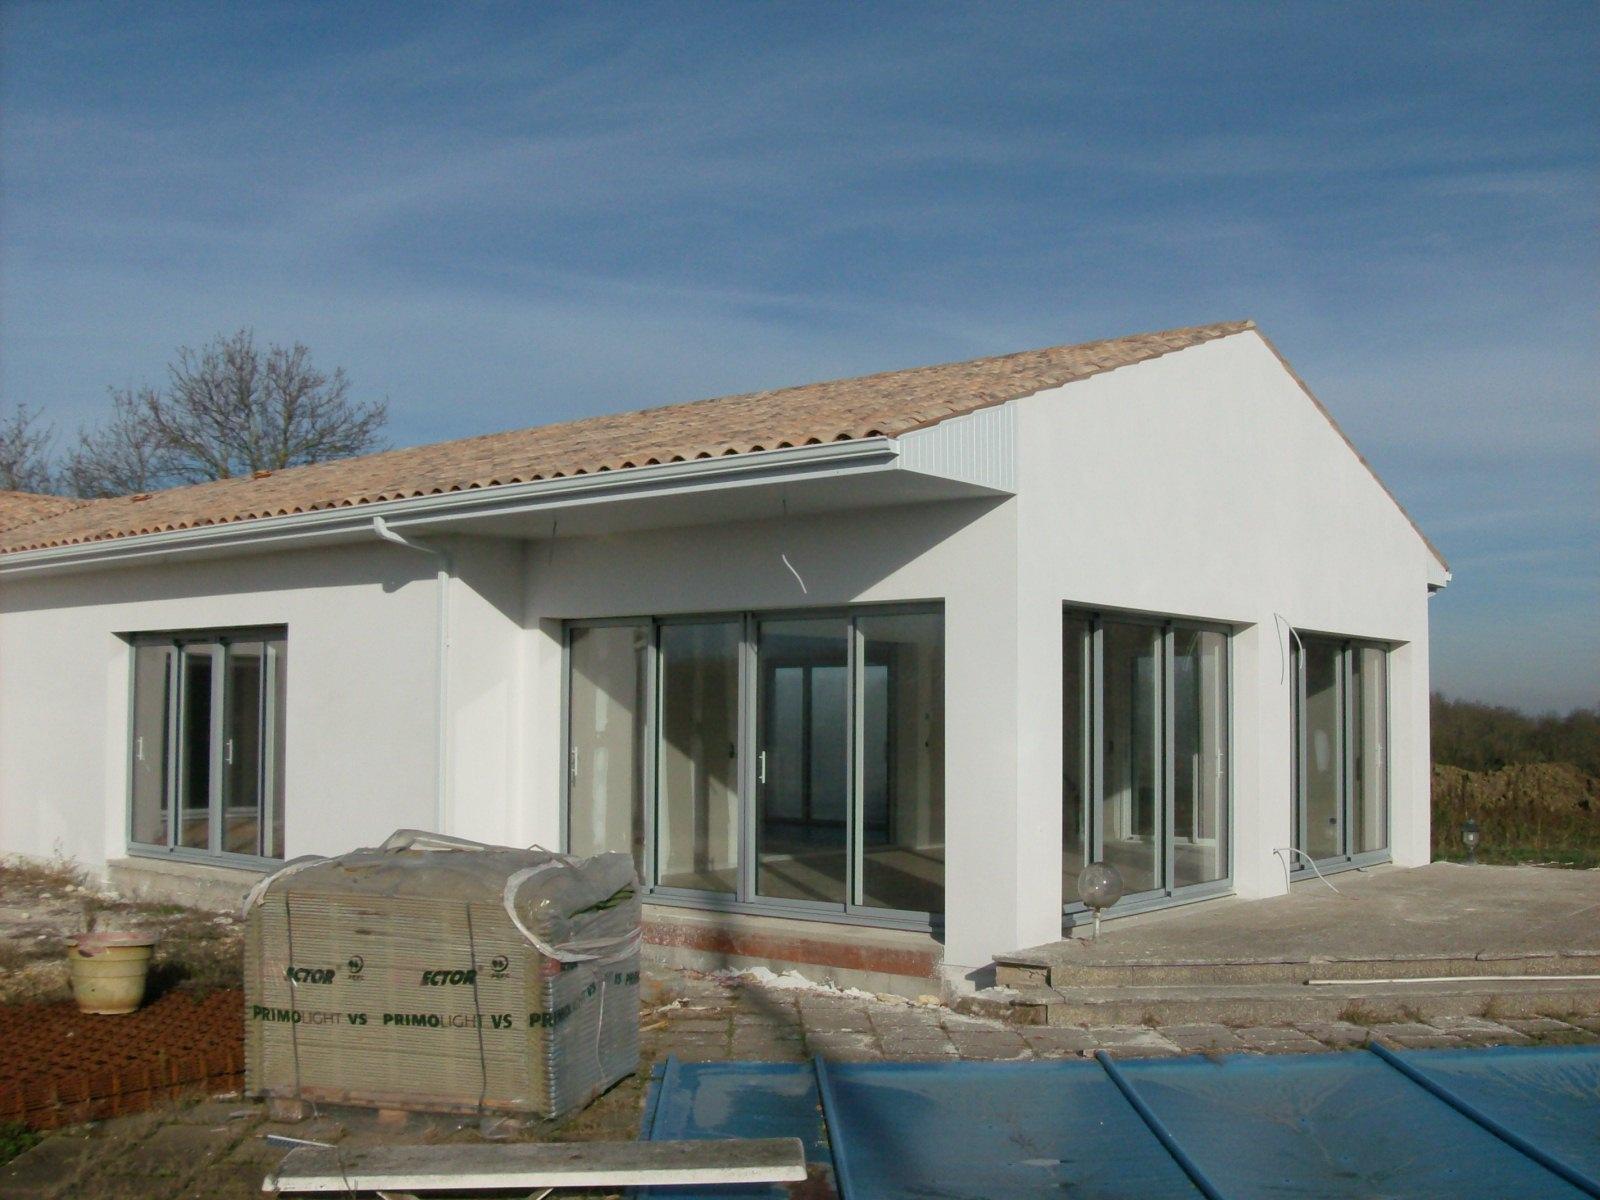 Chantier lara sur st nazaire 003 maisons lara for Constructeur maison individuelle 17000